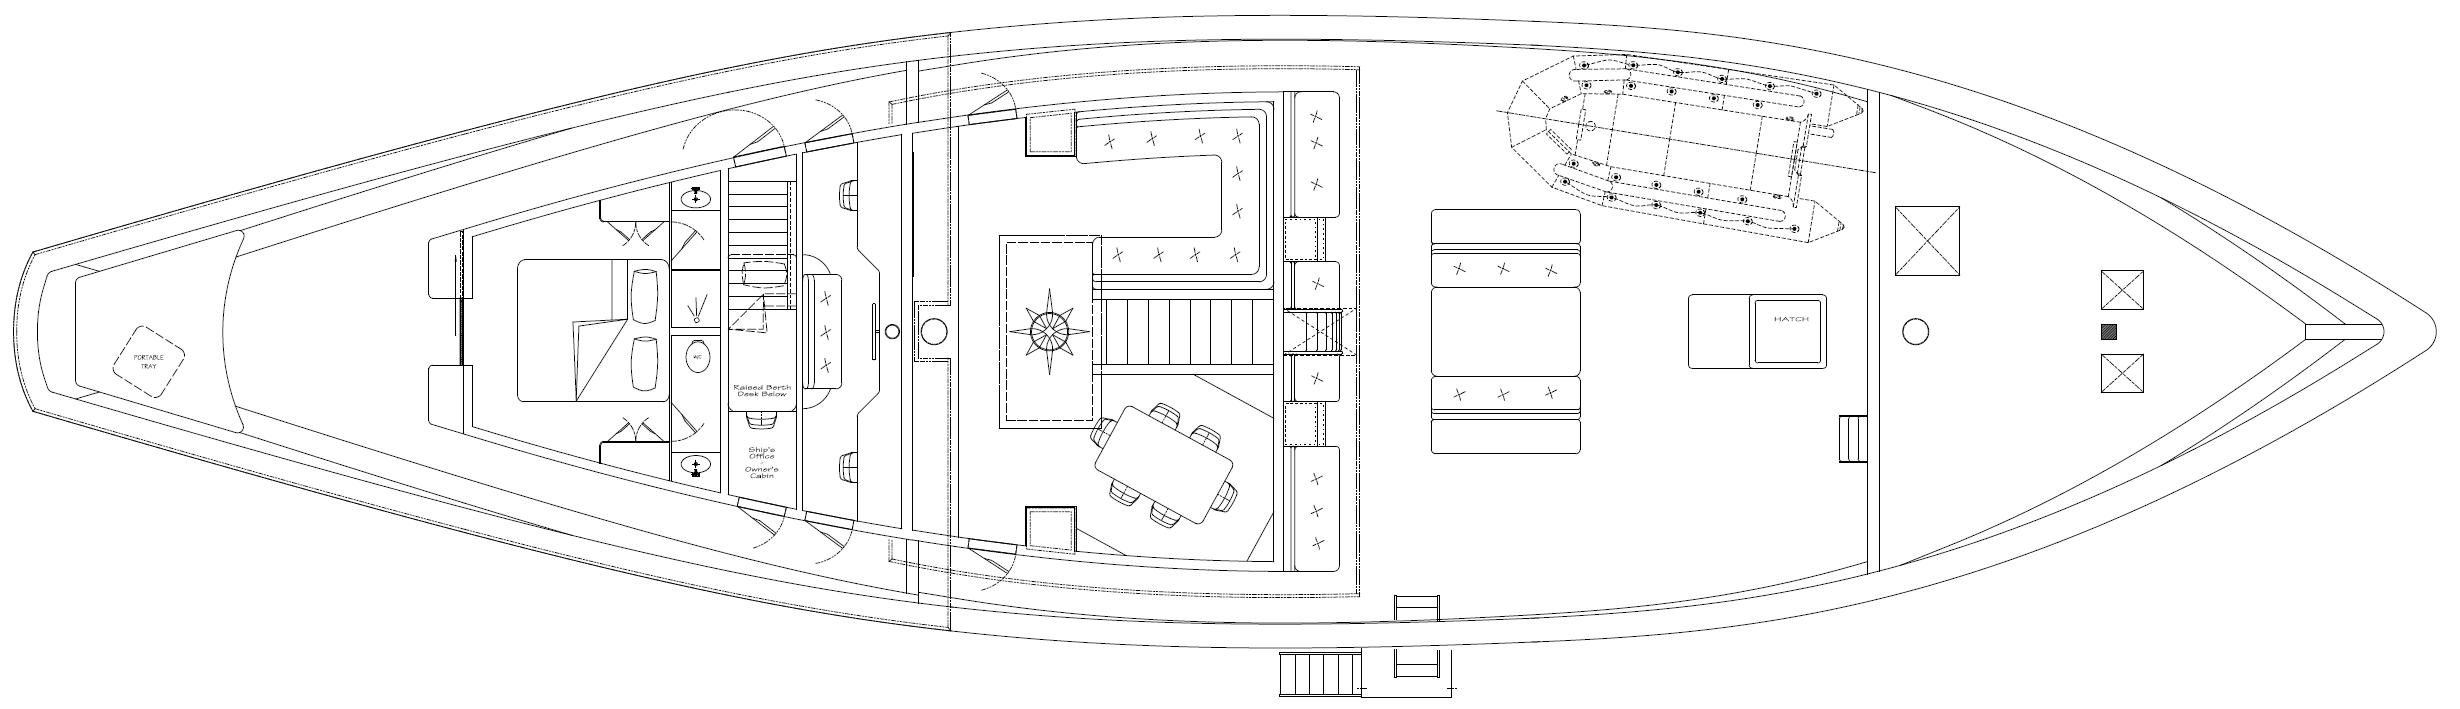 SI DATU BUA - Deck Plan